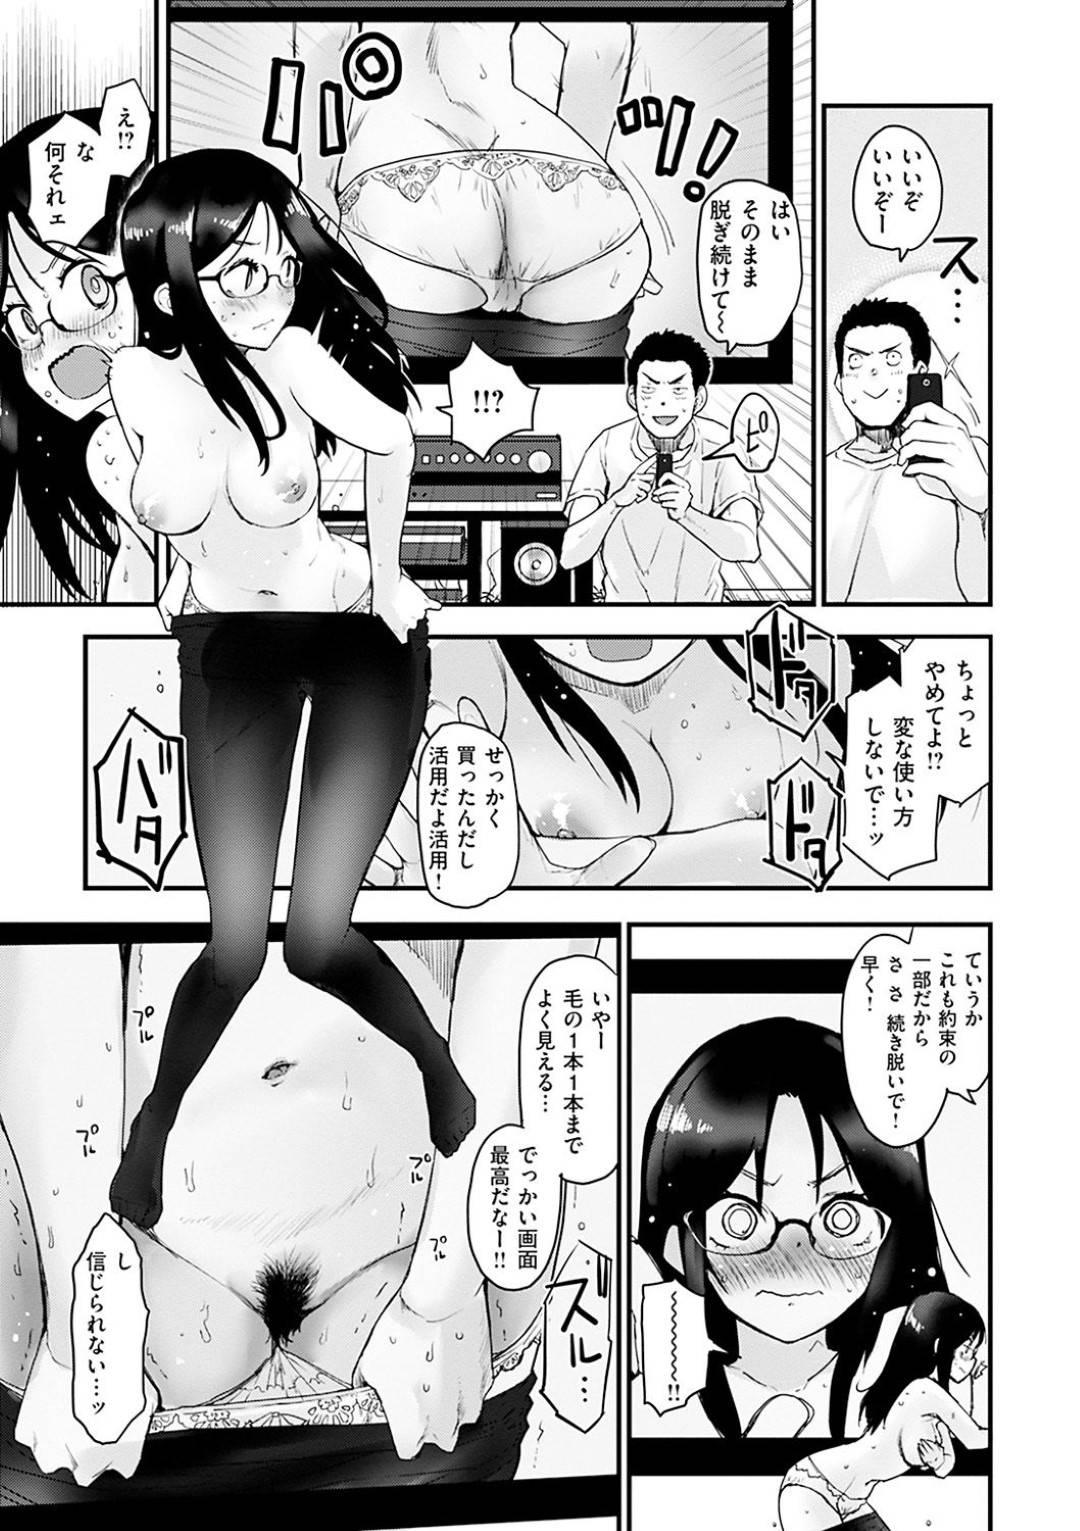 【エロ漫画】夫のセックスの誘いを断り映画に夢中になる巨乳人妻…絶対買えないホームシアターを買ったら何でも言うことを聞く約束をした後日に夫が買ってきて約束を果たすことに!【もず】